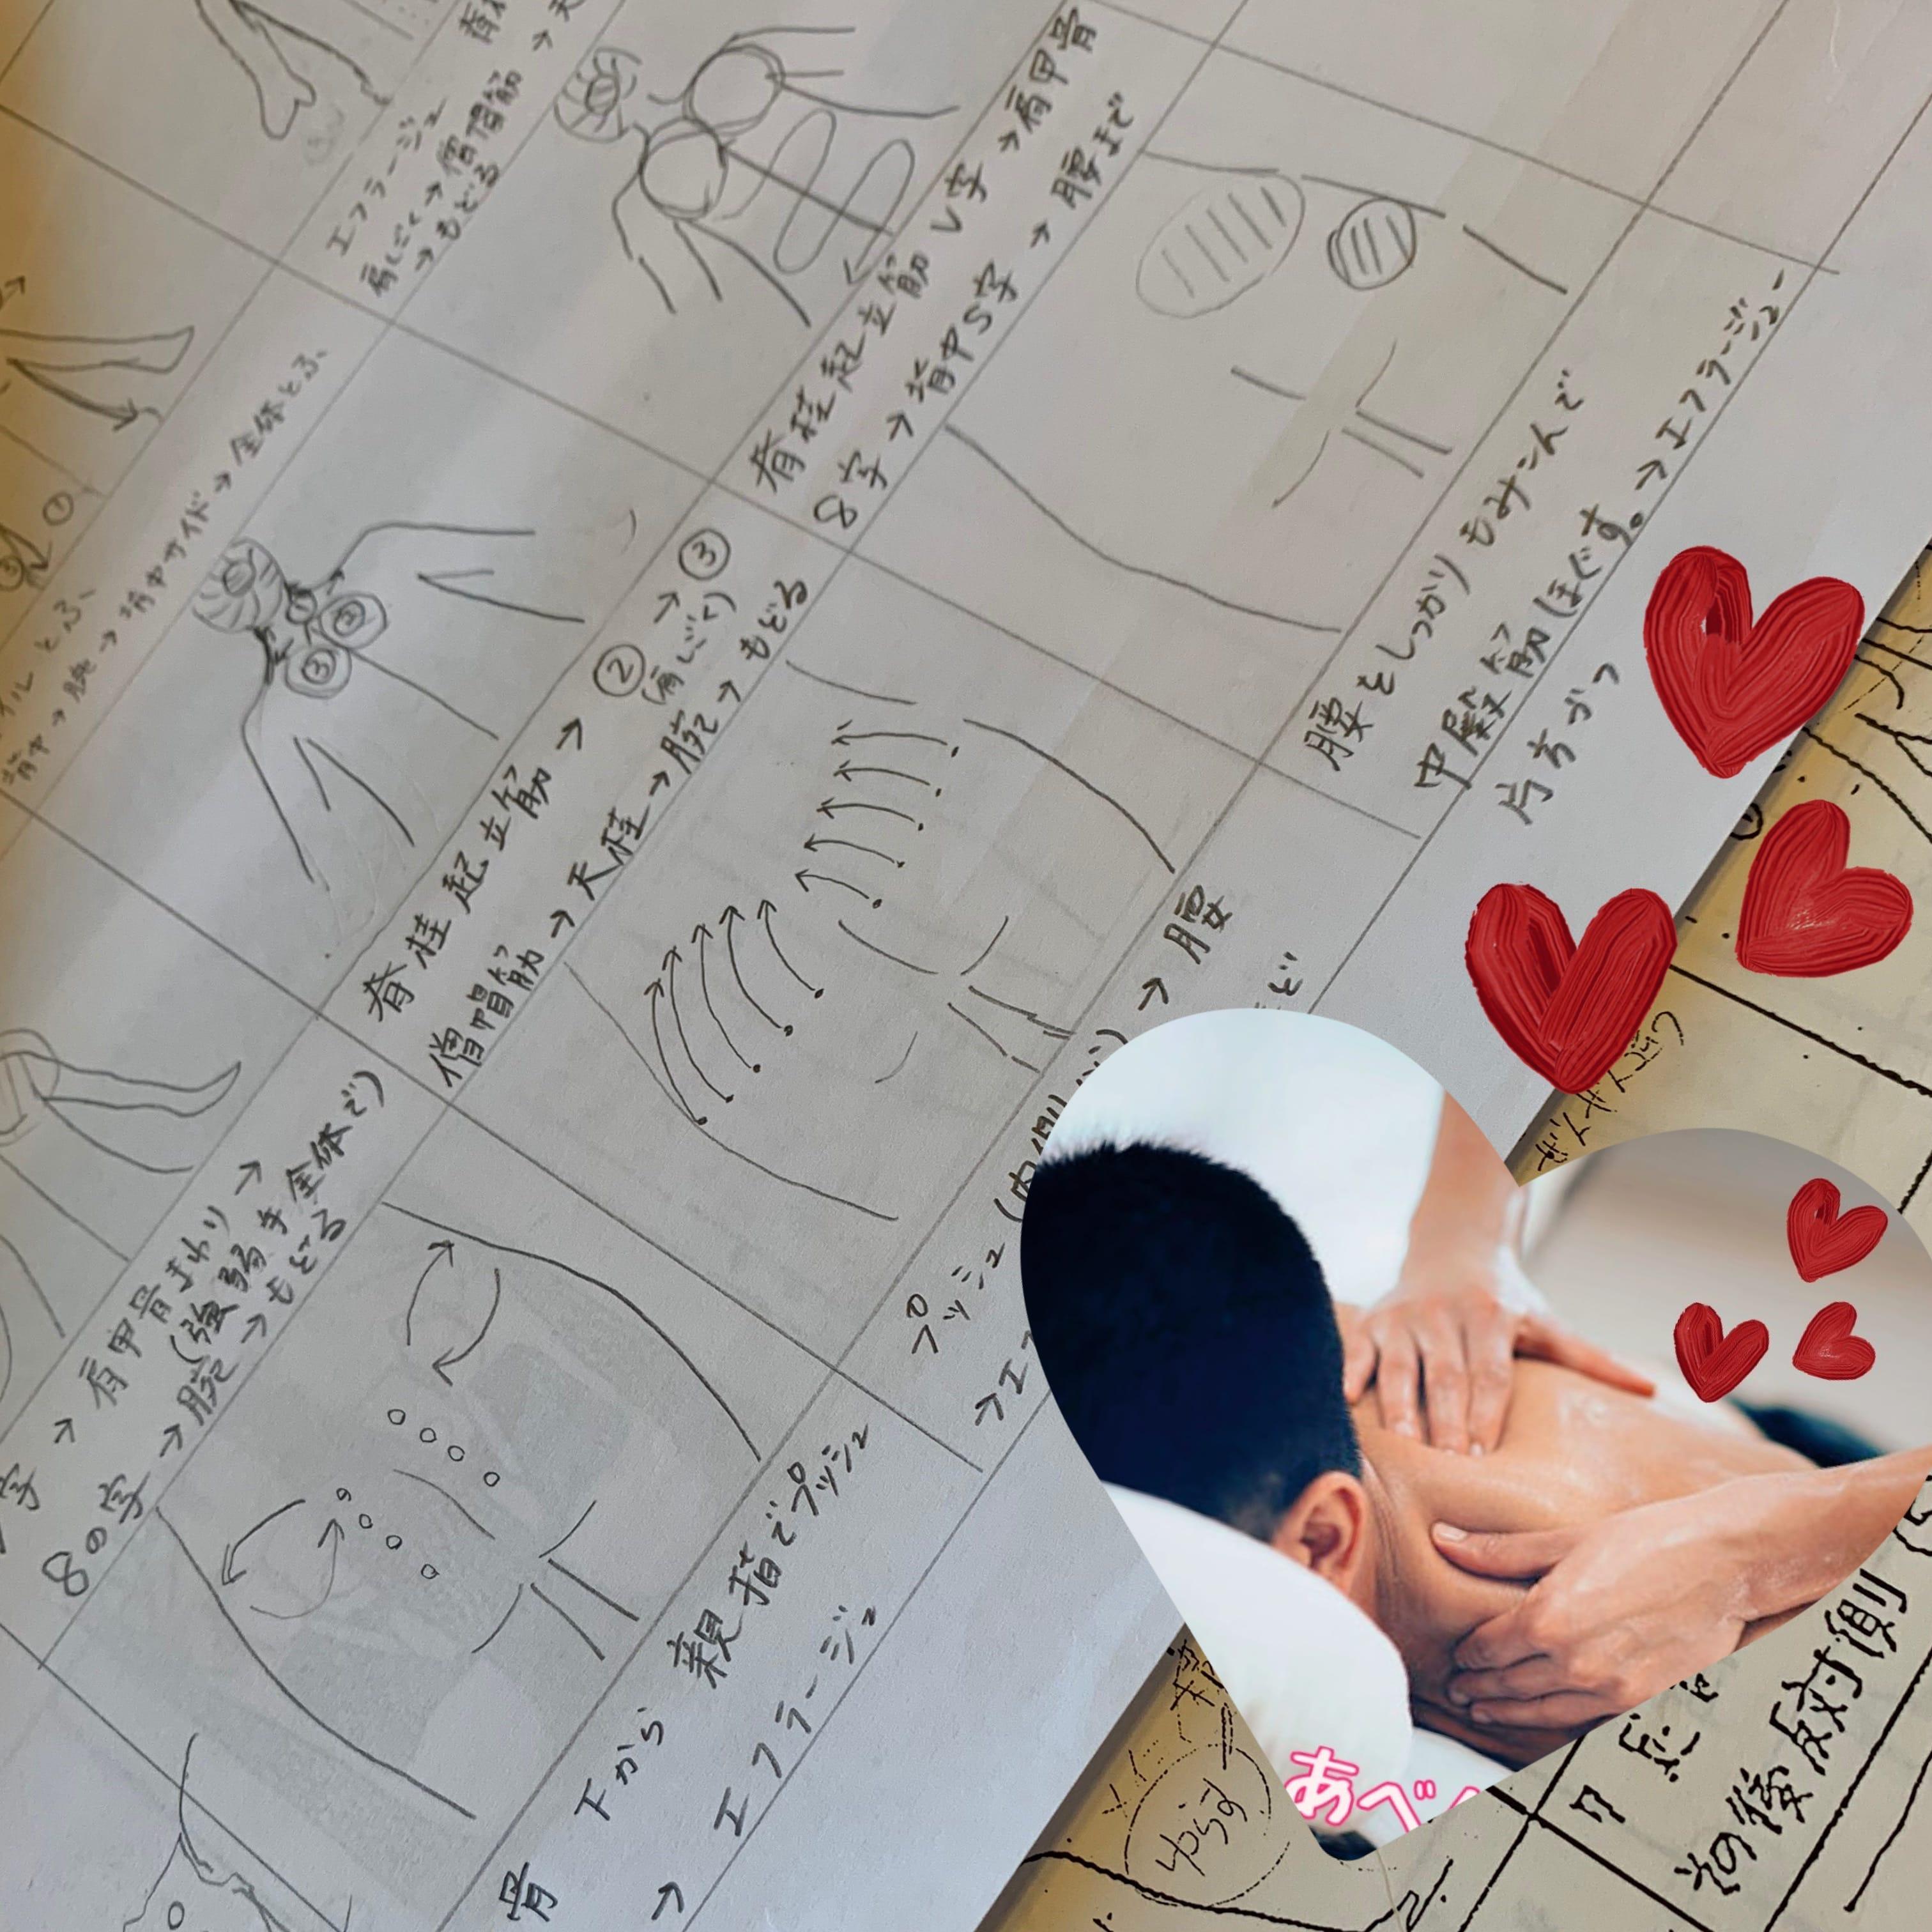 「考え中(*ˊᵕˋ*)੭ ੈ❤︎」07/18(日) 23:36 | ミナミ(30代)の写メ日記